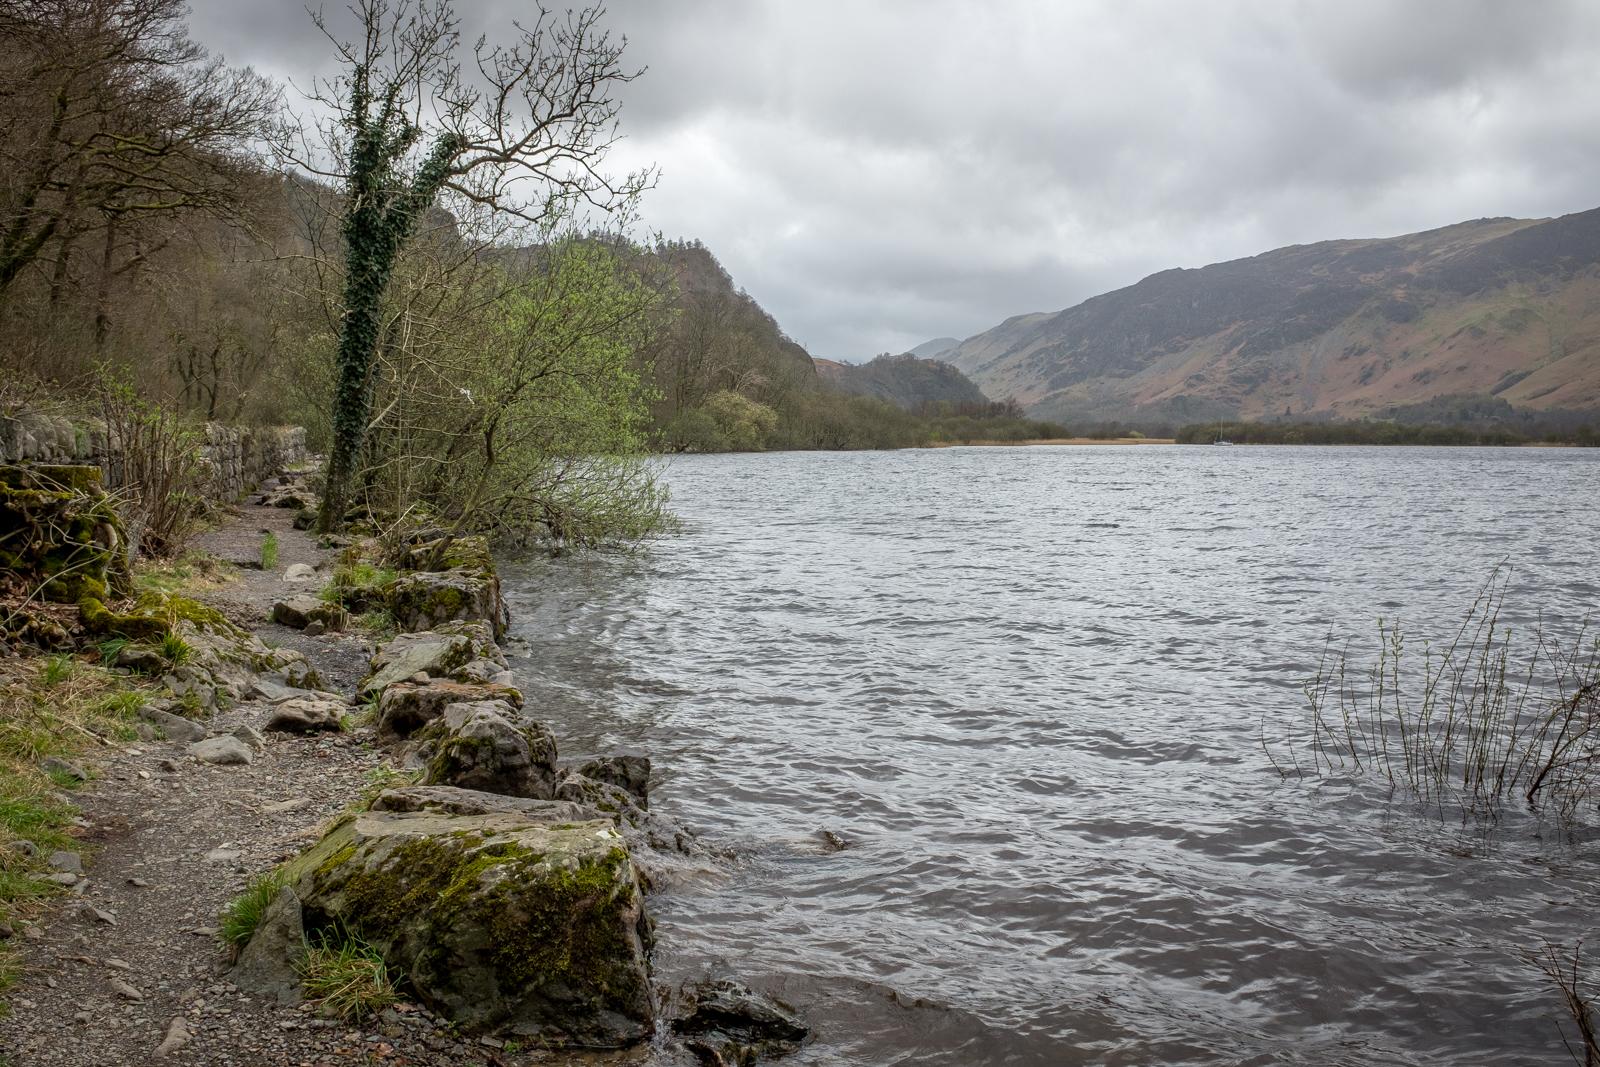 Derwent Water alongside Strutta Wood